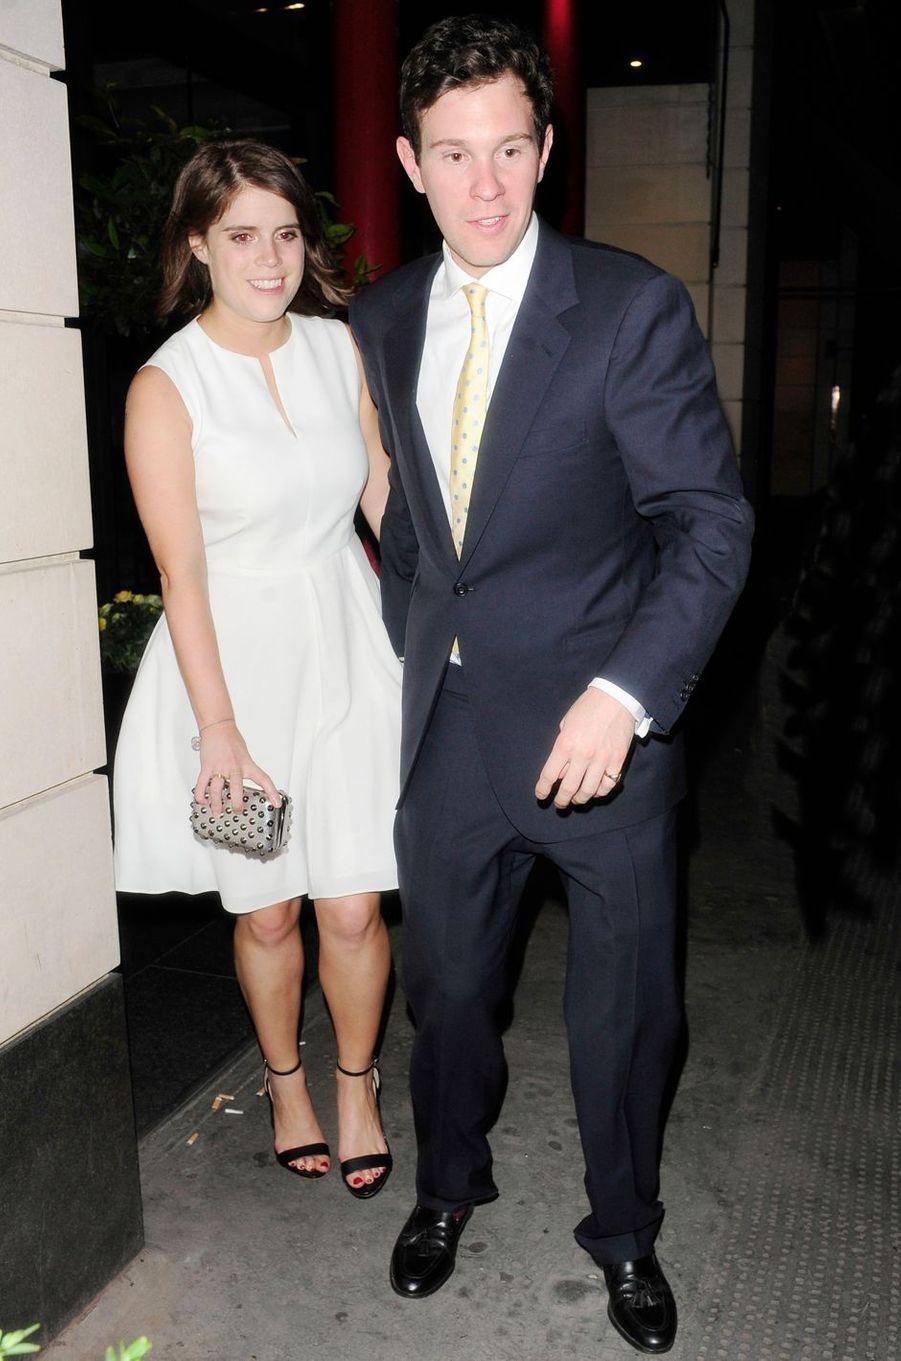 La princesse Eugenie d'York et Jack Brooksbank, le 11 juin 2014